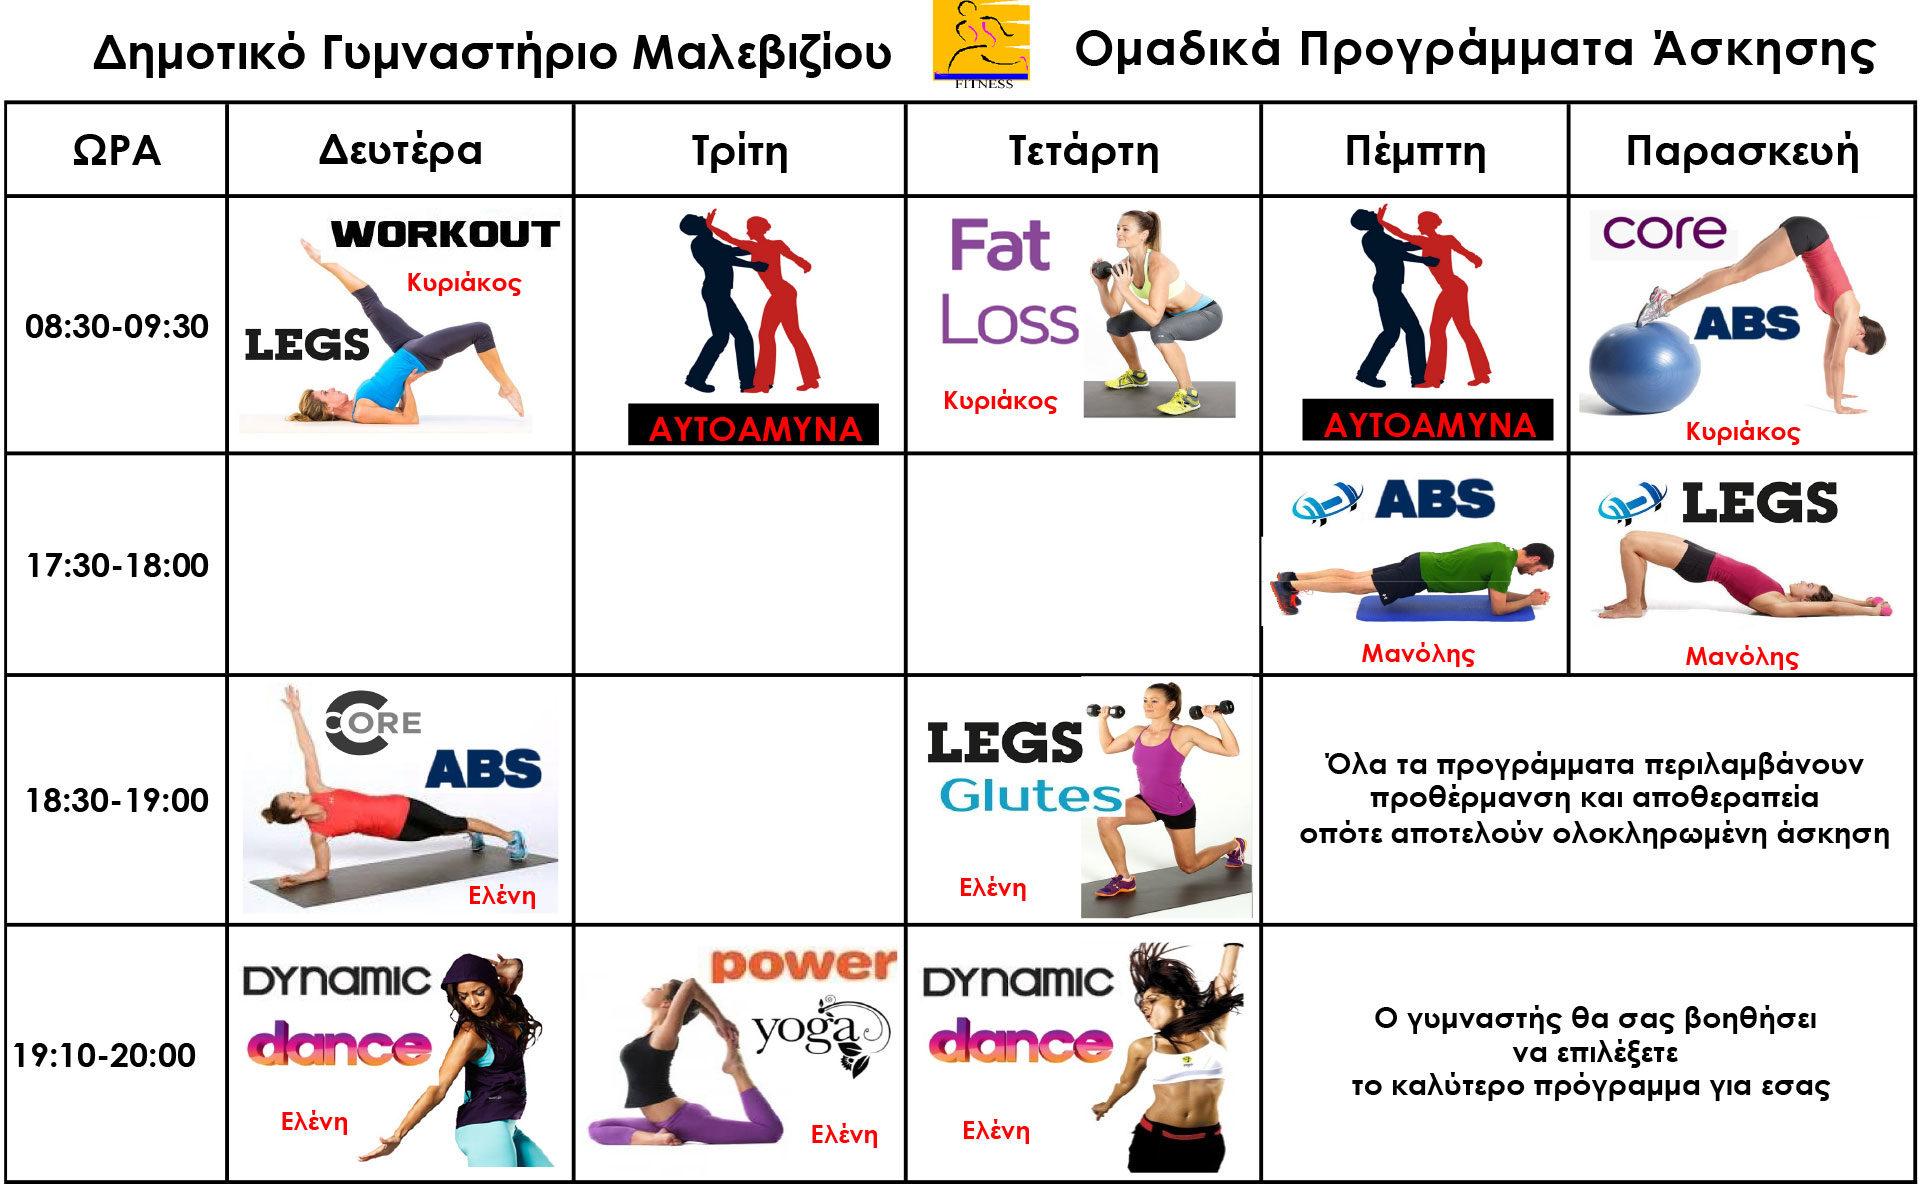 Δημοτικό Γυμναστήριο Γαζίου – Ομαδικά Προγράμματα Άσκησης